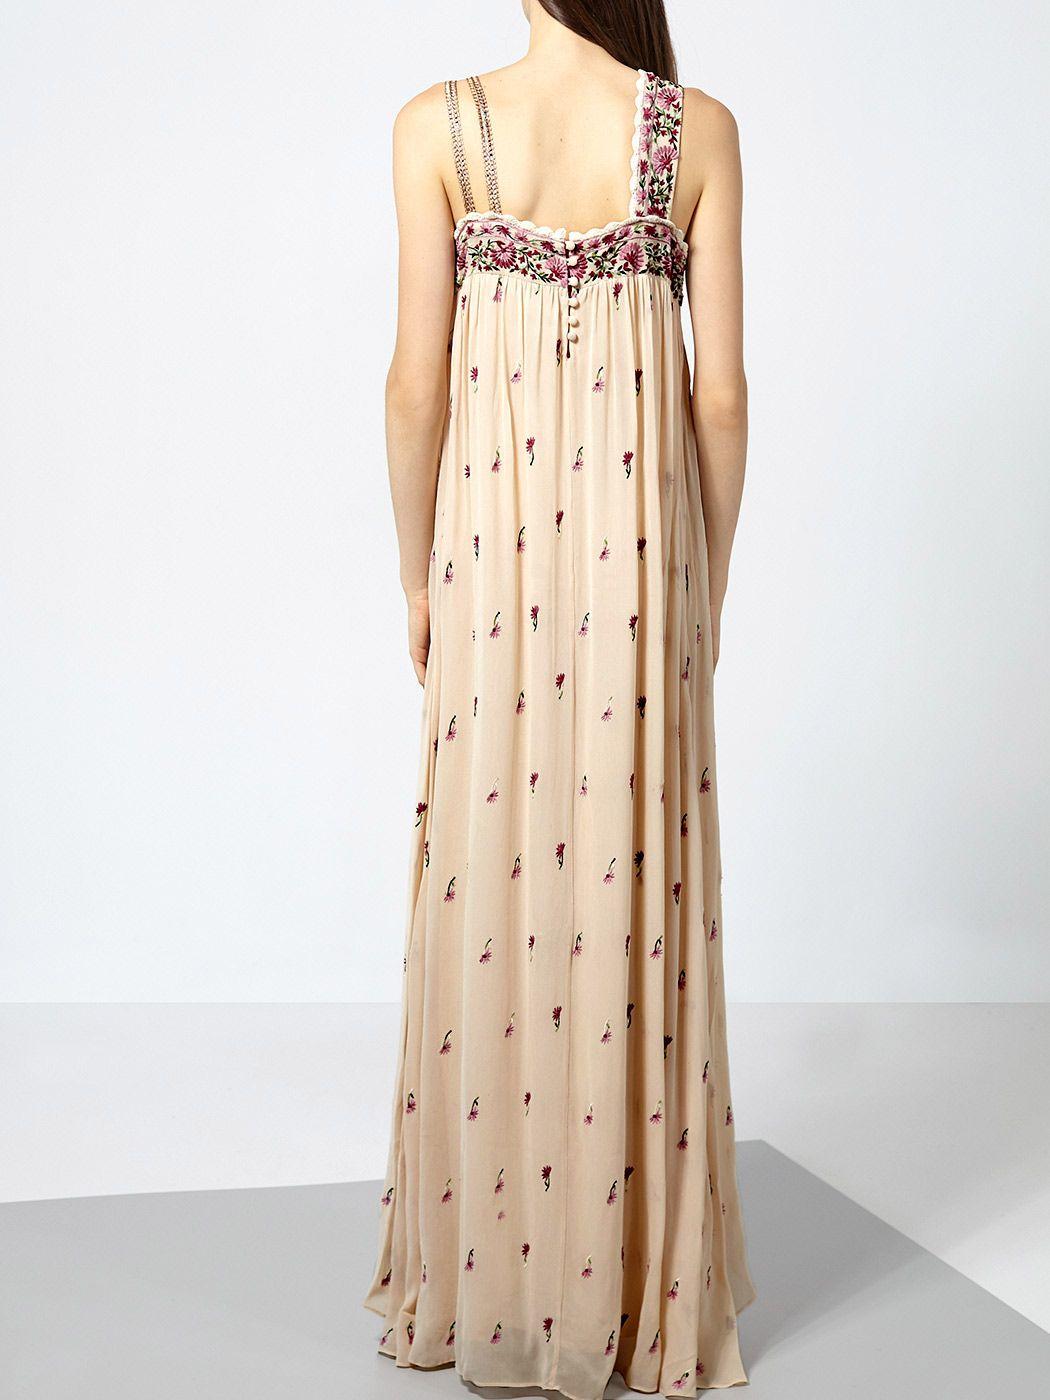 imagen producto   Modelos costura   Pinterest   Vestidos, Seda y ...